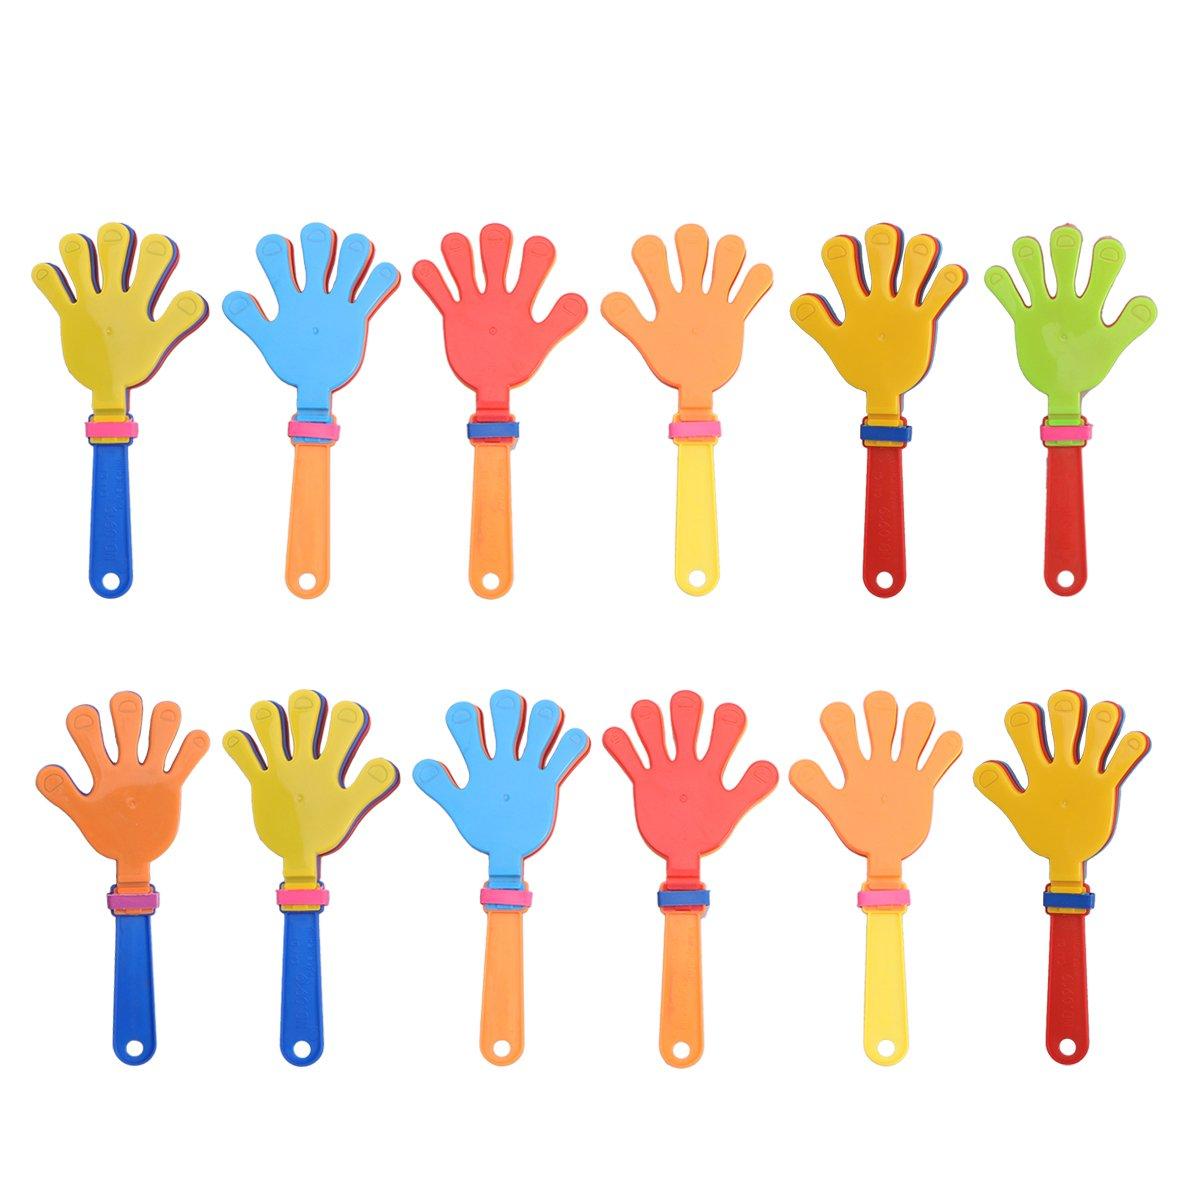 TOYMYTOY 12pcs plástica mano palmas juguete jadea los favores de partido noisemakers para gritar aplausos